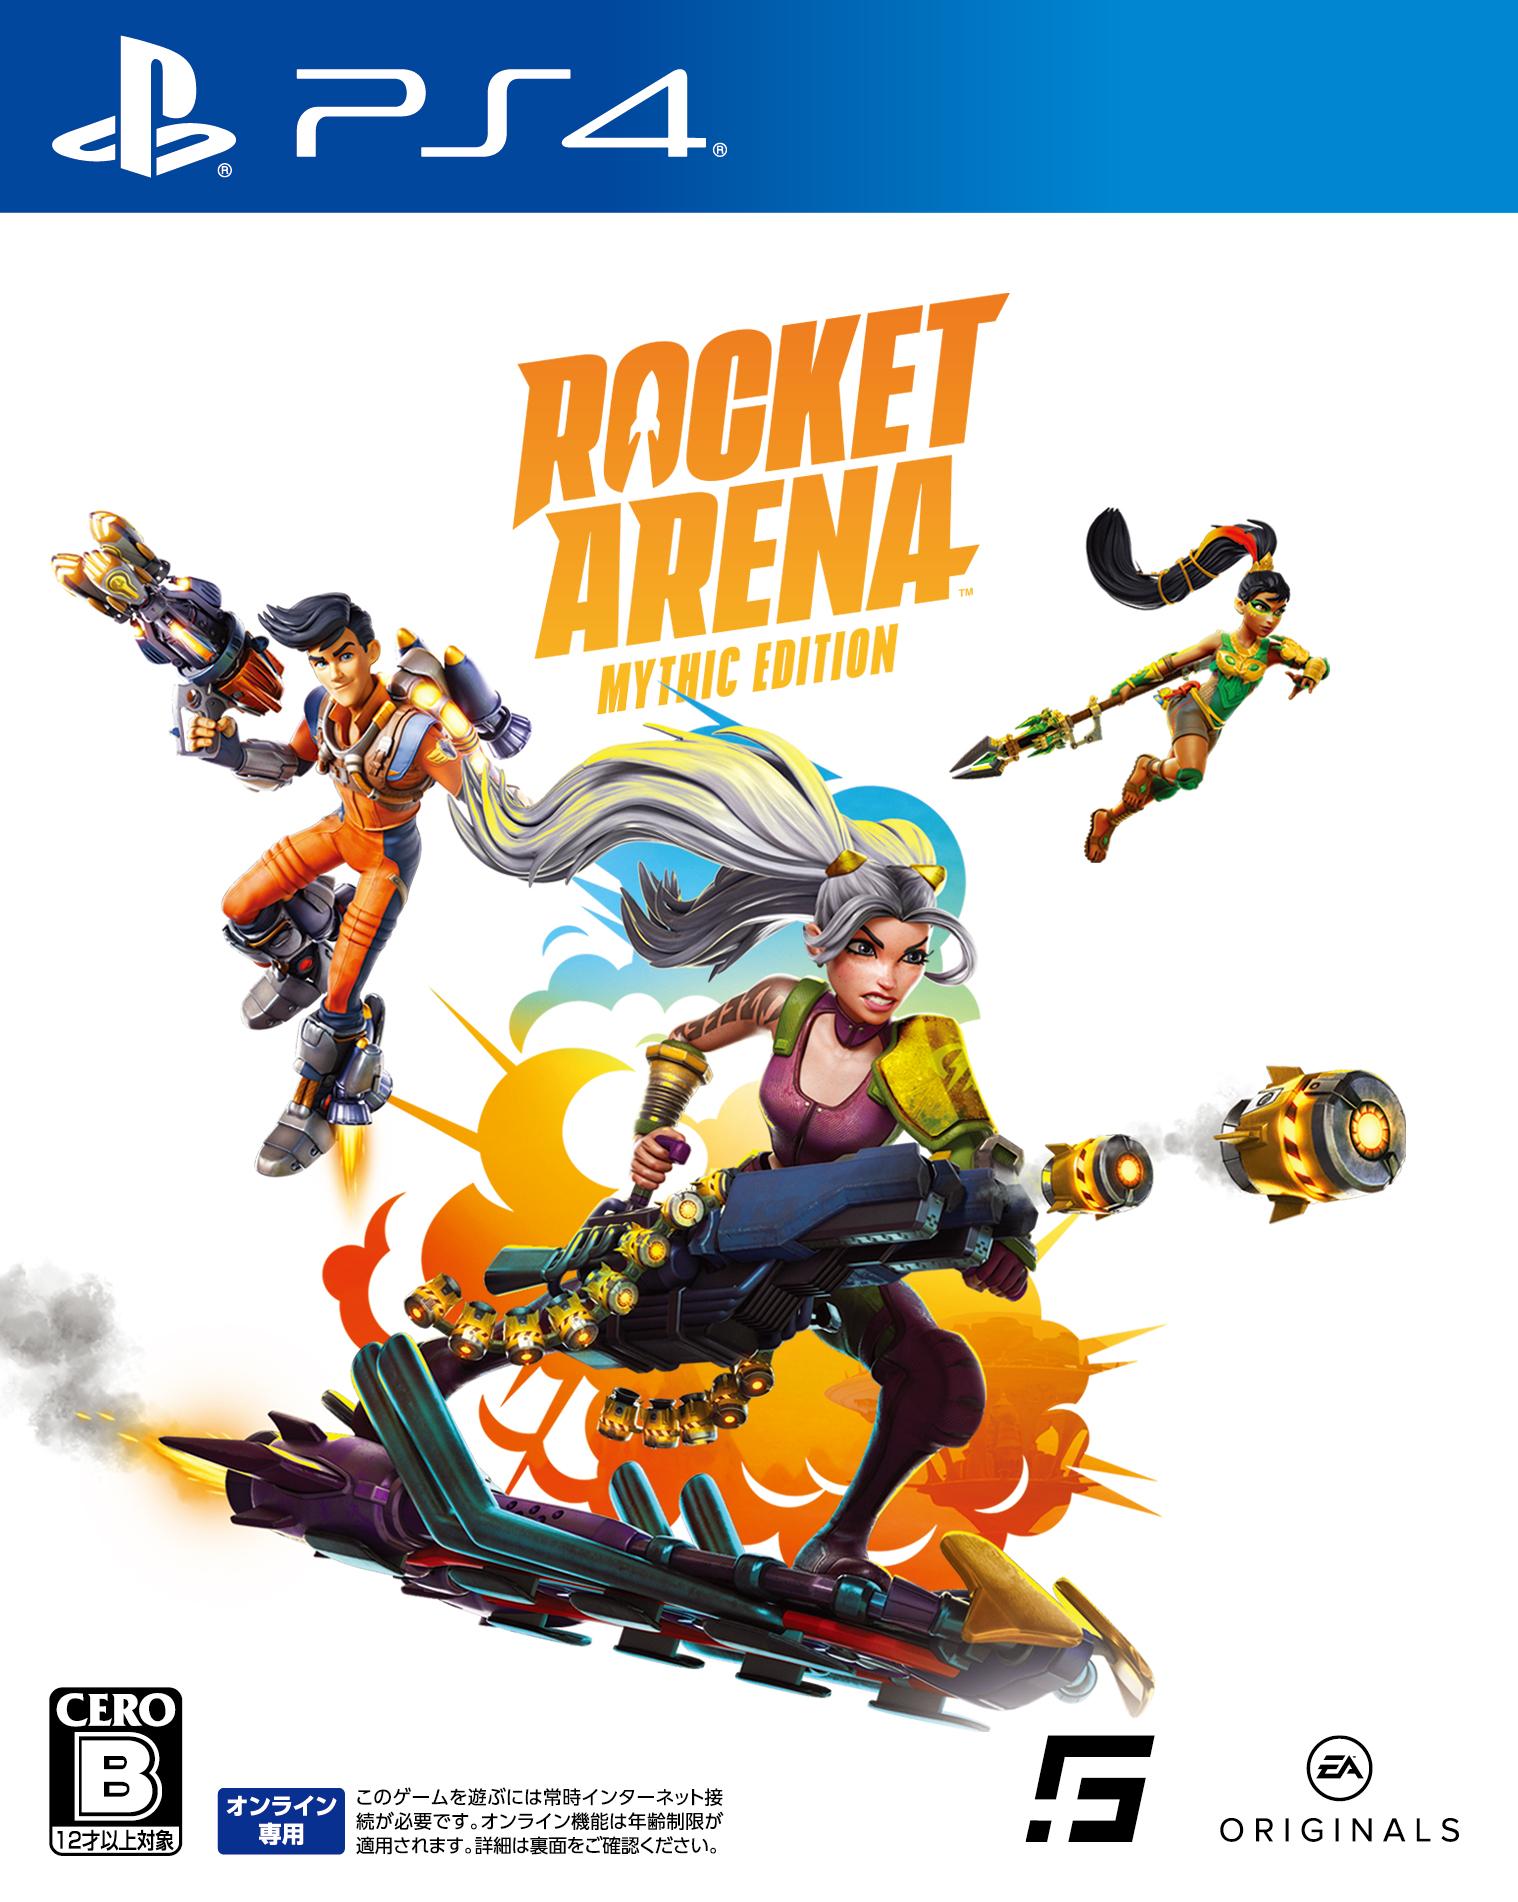 『ロケットアリーナ』本日発売 PS4(TM)パッケージ版は多数のDLCを同梱